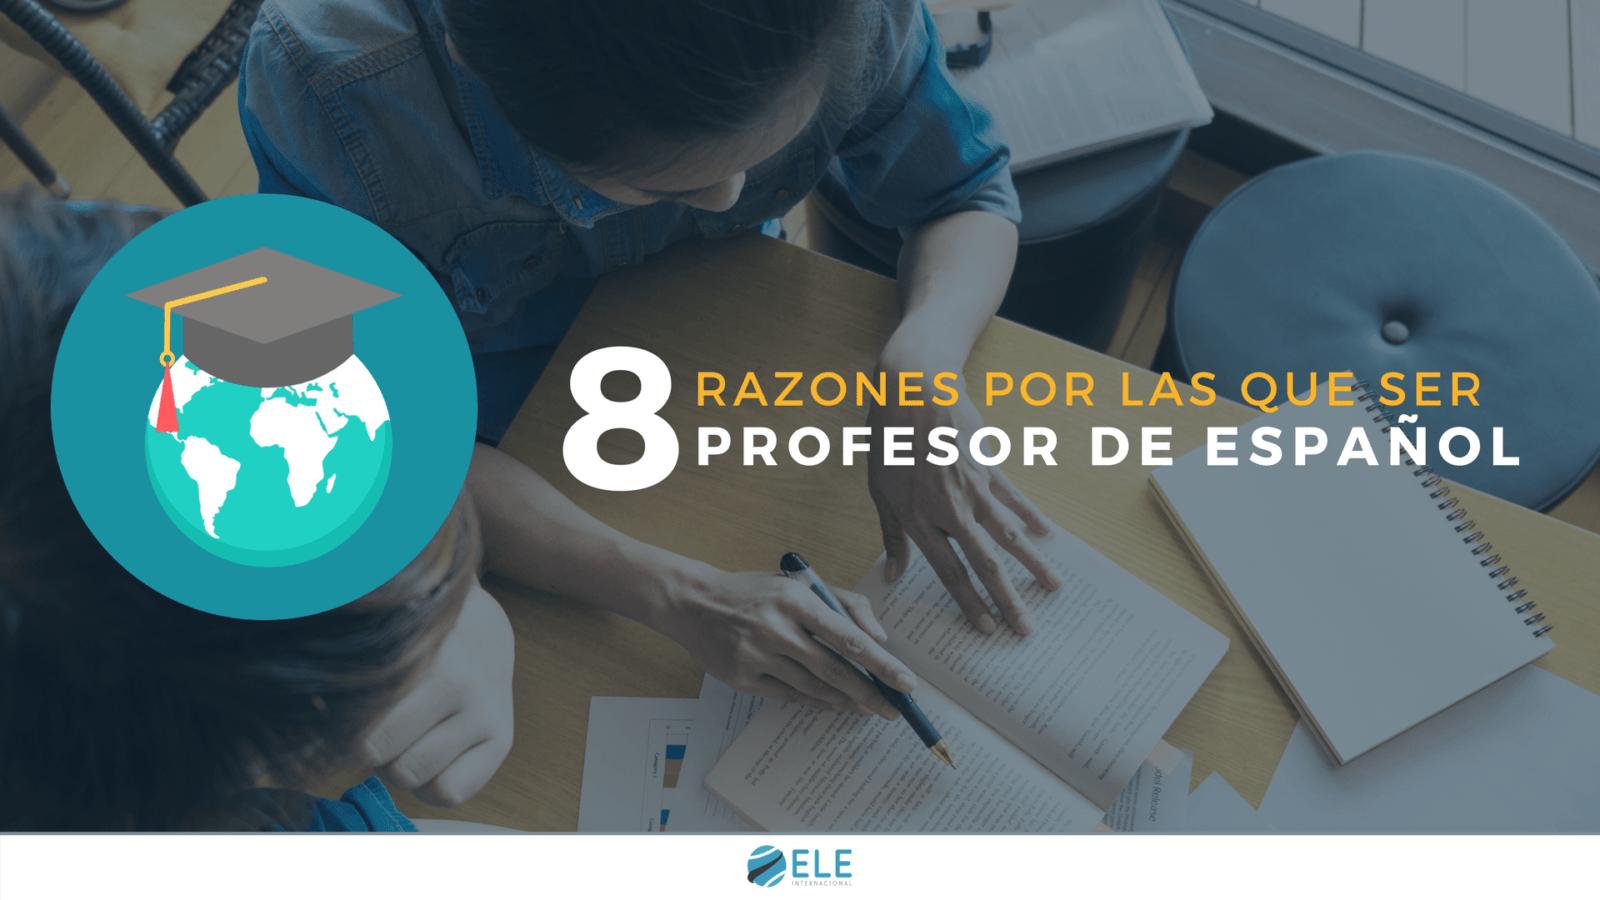 Razones para ser profesor de español